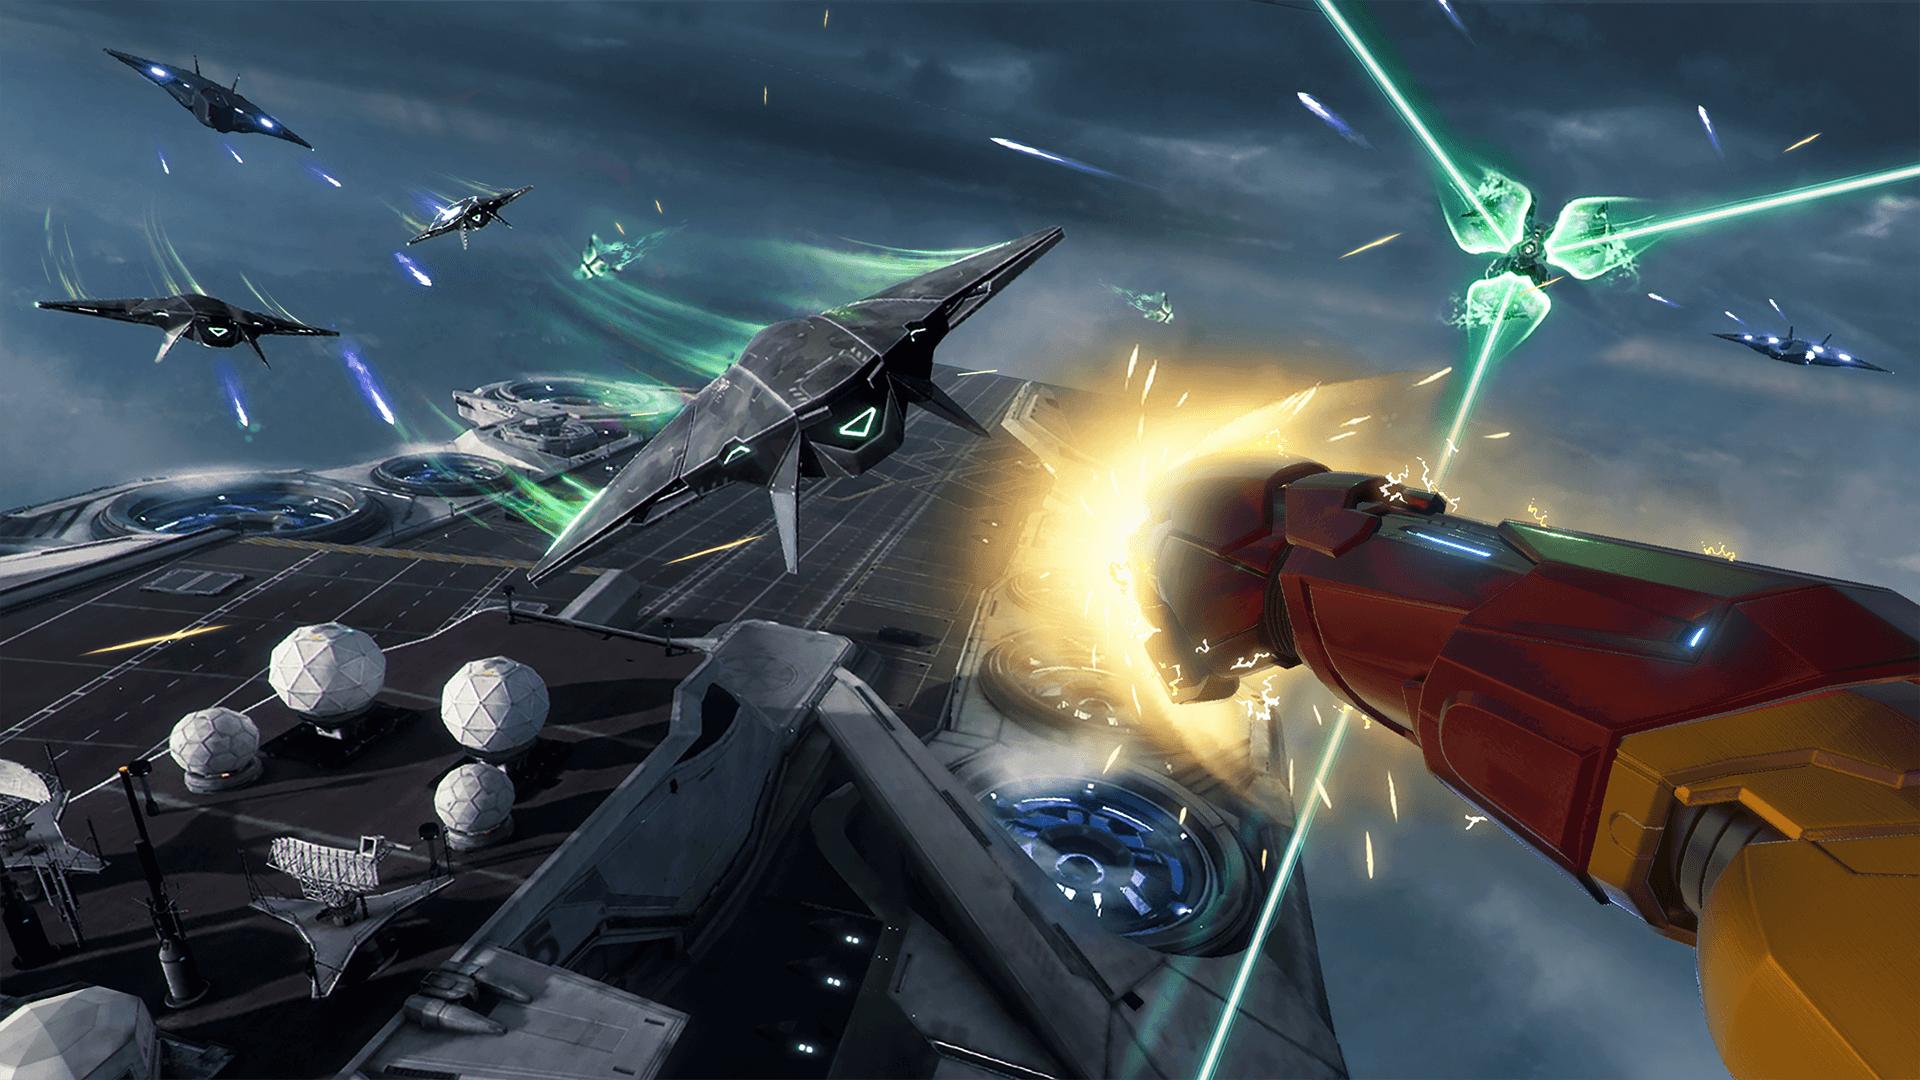 MARVEL's Iron Man VR saldrá a la venta el próximo 28 de febrero